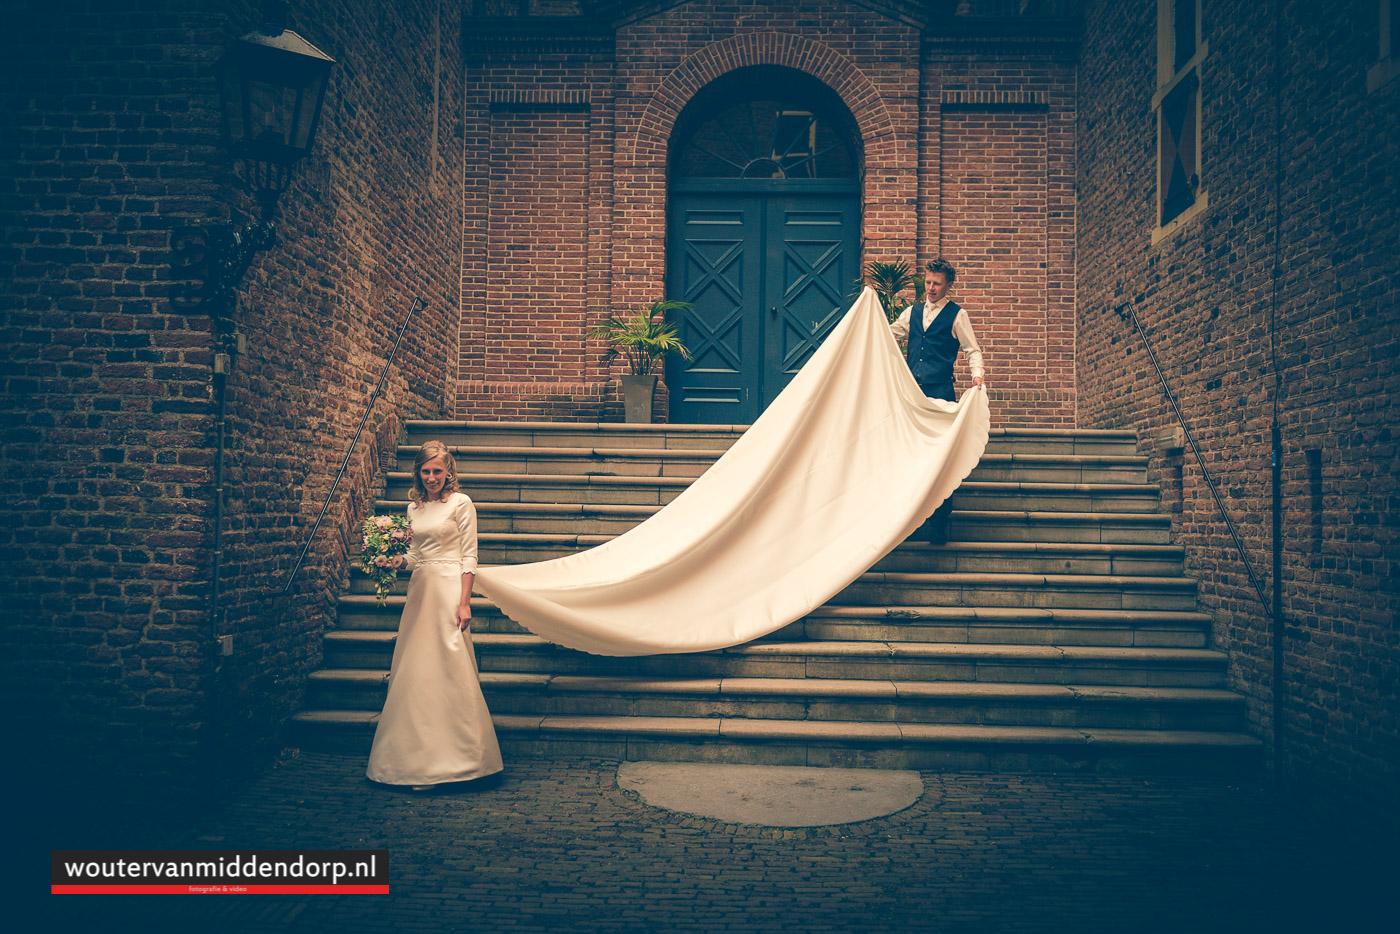 bruidsfotografie Wouter van Middendorp Uddel, Harskamp, Lunteren, Barneveld, fotograaf-17